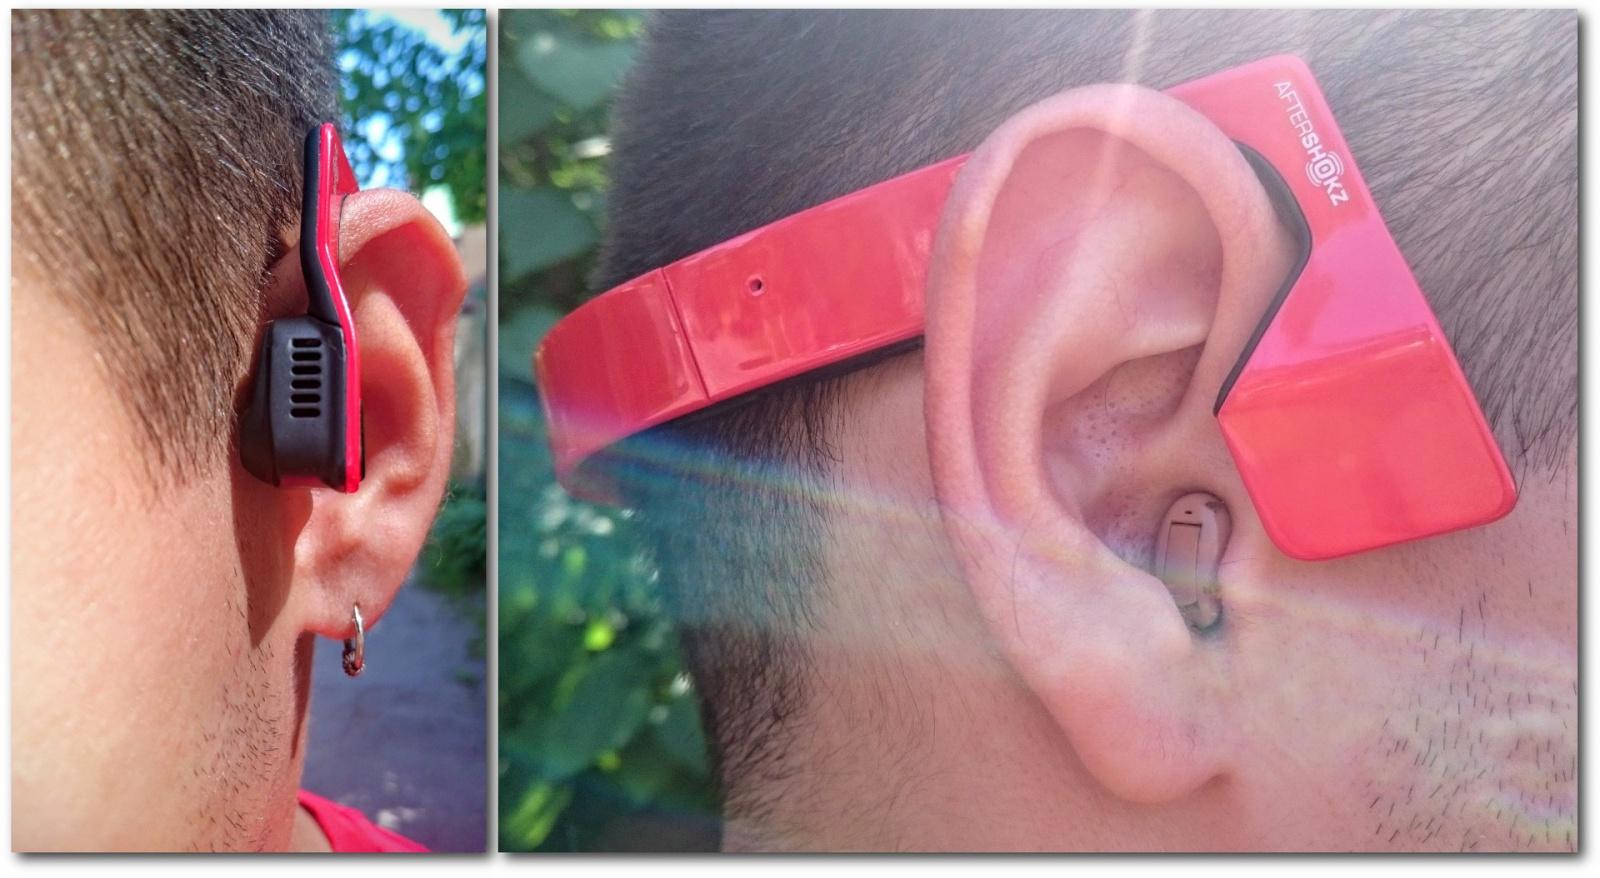 Гарнитура с костной проводимостью звука Aftershokz bluez 2 и человек с нарушением слуха - 9